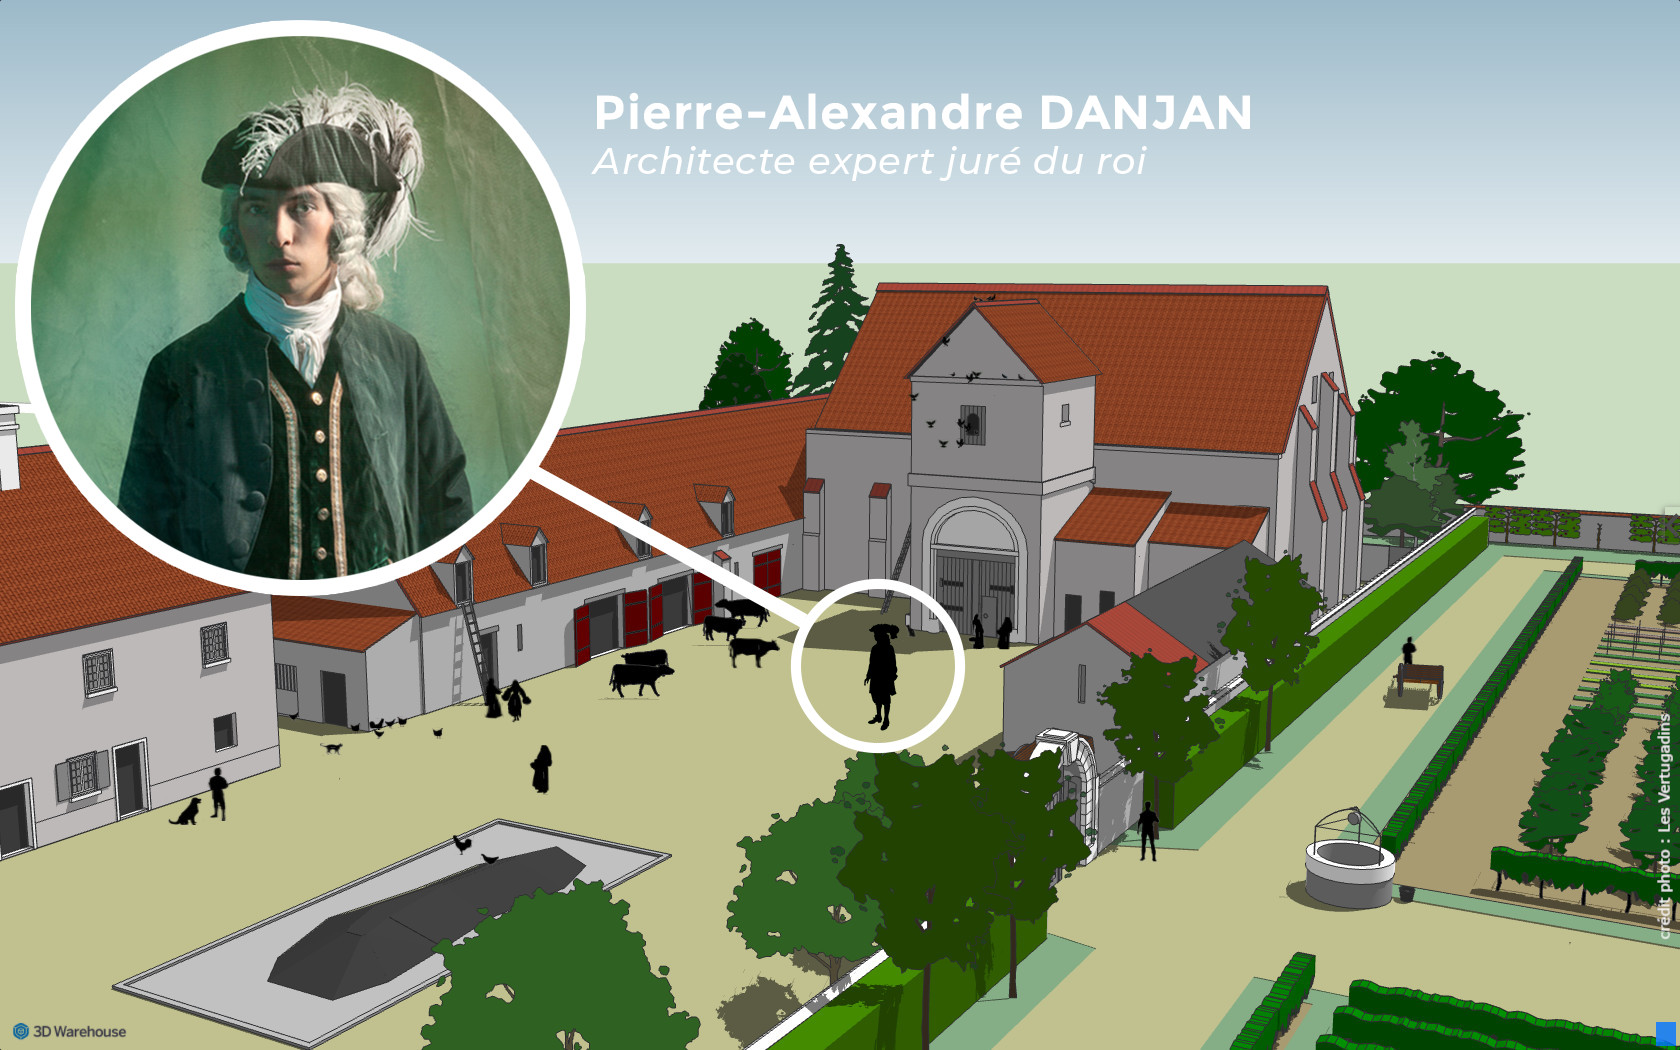 Visite de la ferme par Danjan et Taboureur en 1782